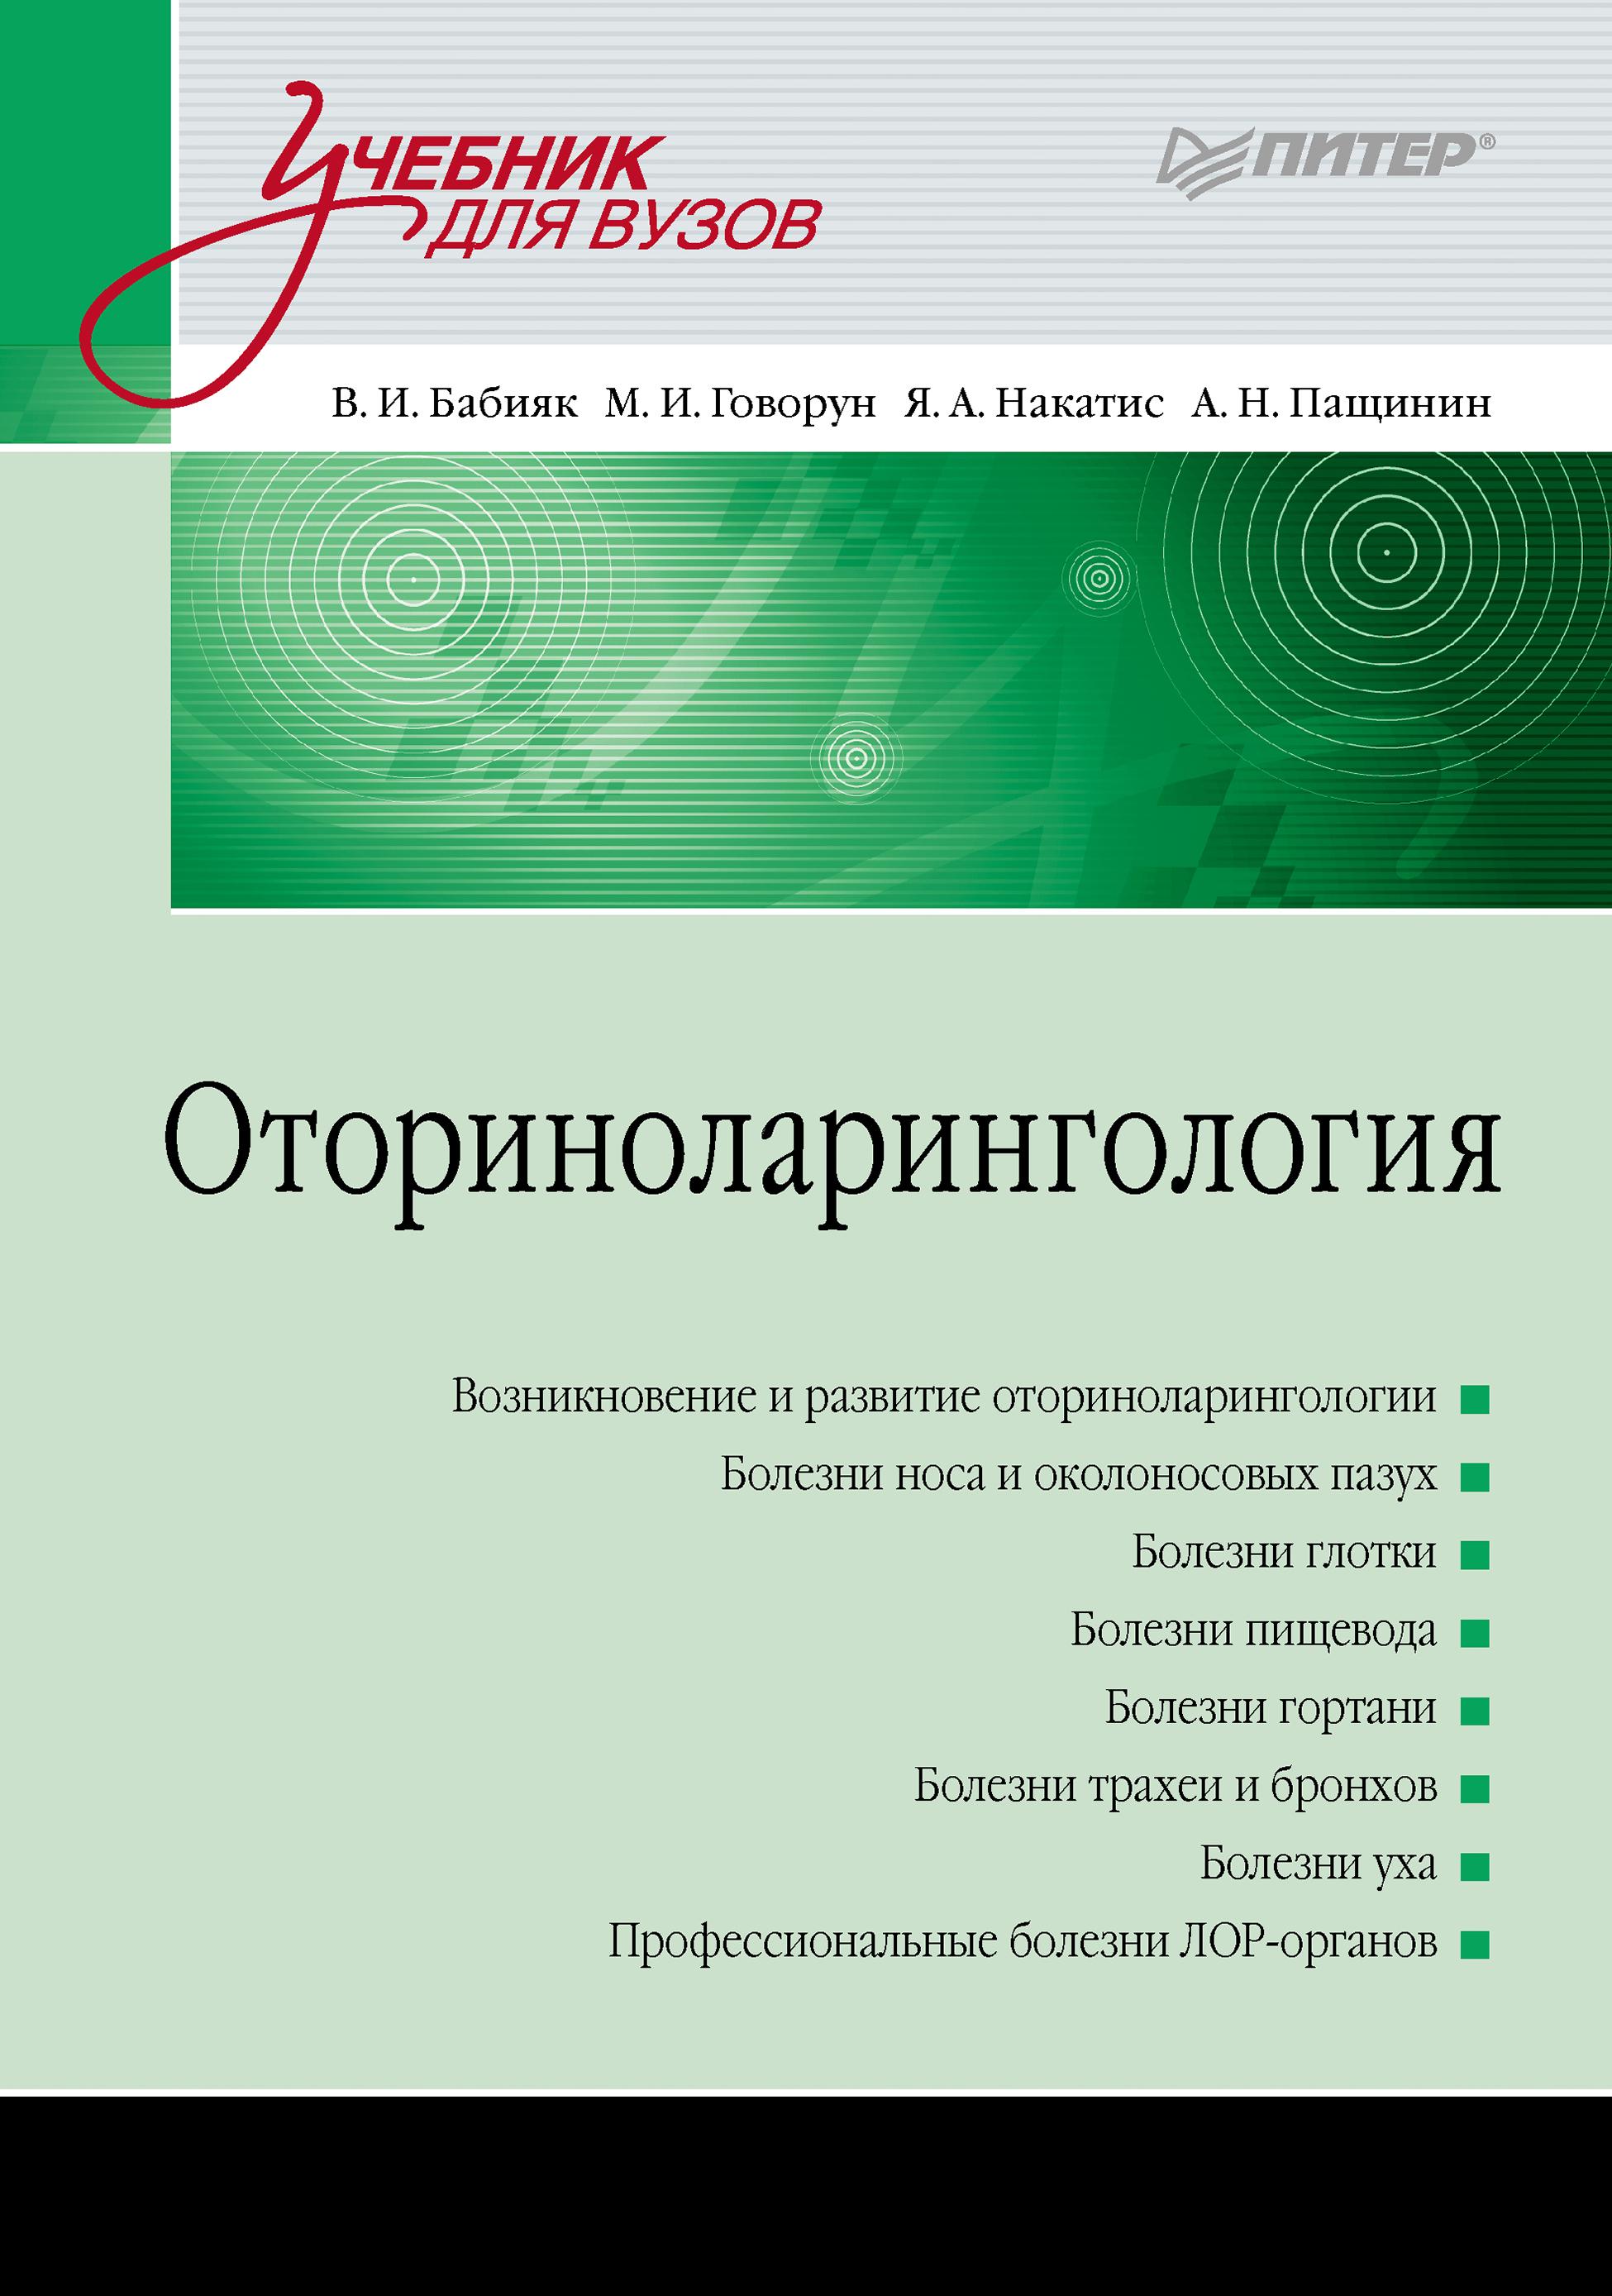 В. И. Бабияк Оториноларингология. Учебник для вузов павел волотов практикум по оториноларингологии